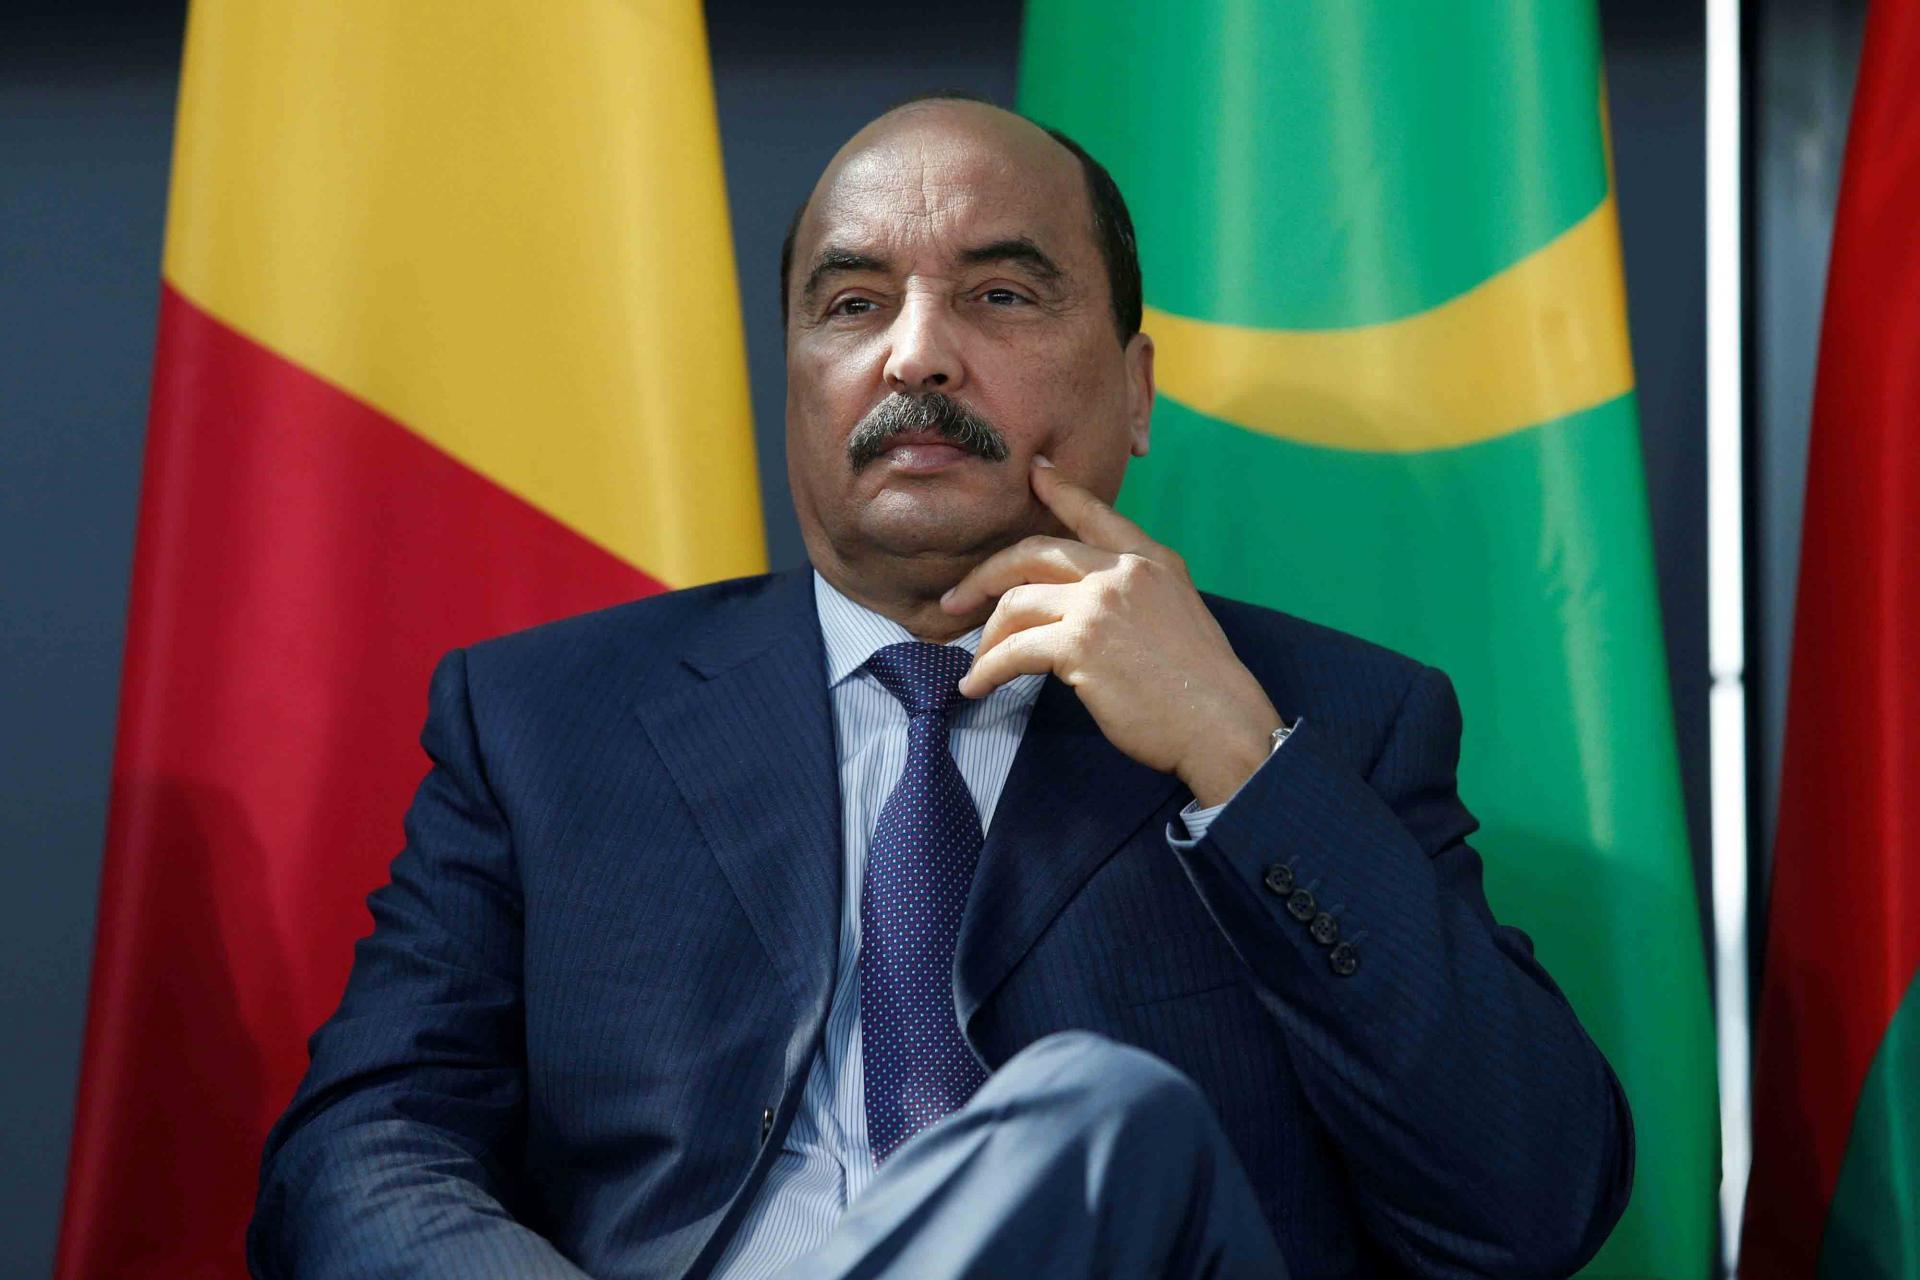 صورة شركة مقربة من الرئيس السابق ولد عبد العزيز تحصل على صفقات بقرابة 50 مليار أوقية (أرقام ومشاريع )